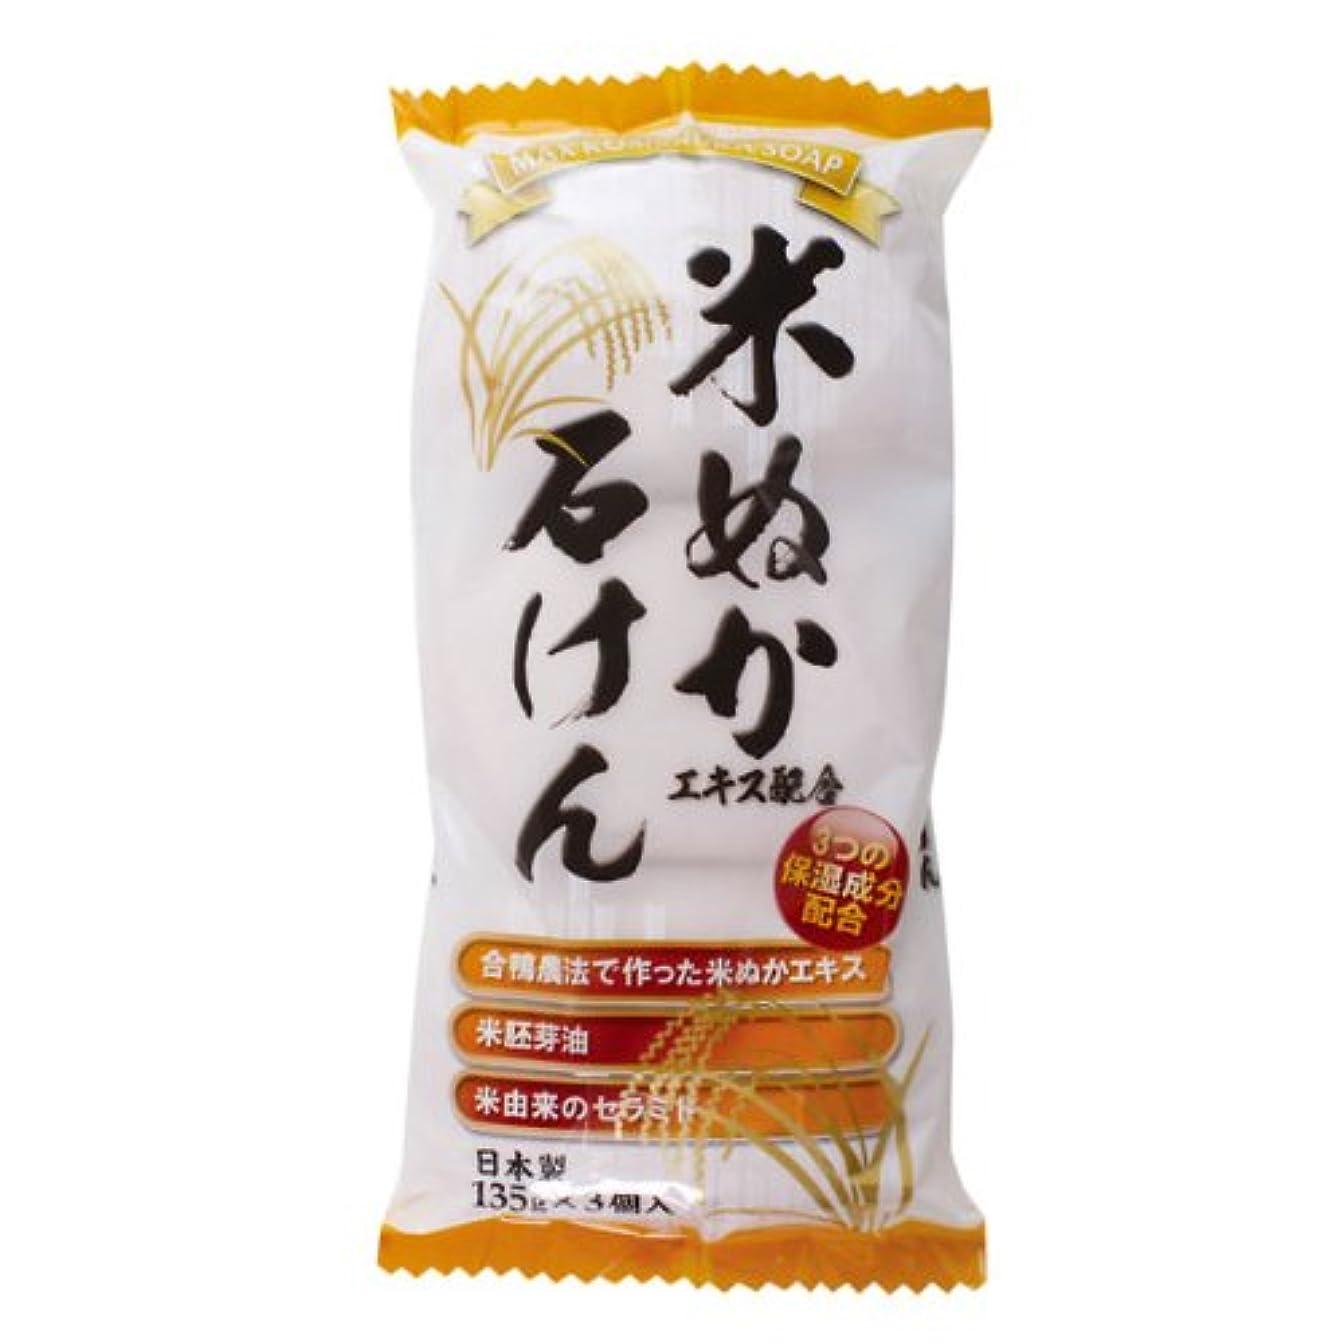 ダニなかなかカルシウム米ぬかエキス配合石けん 3個入 135g×3個